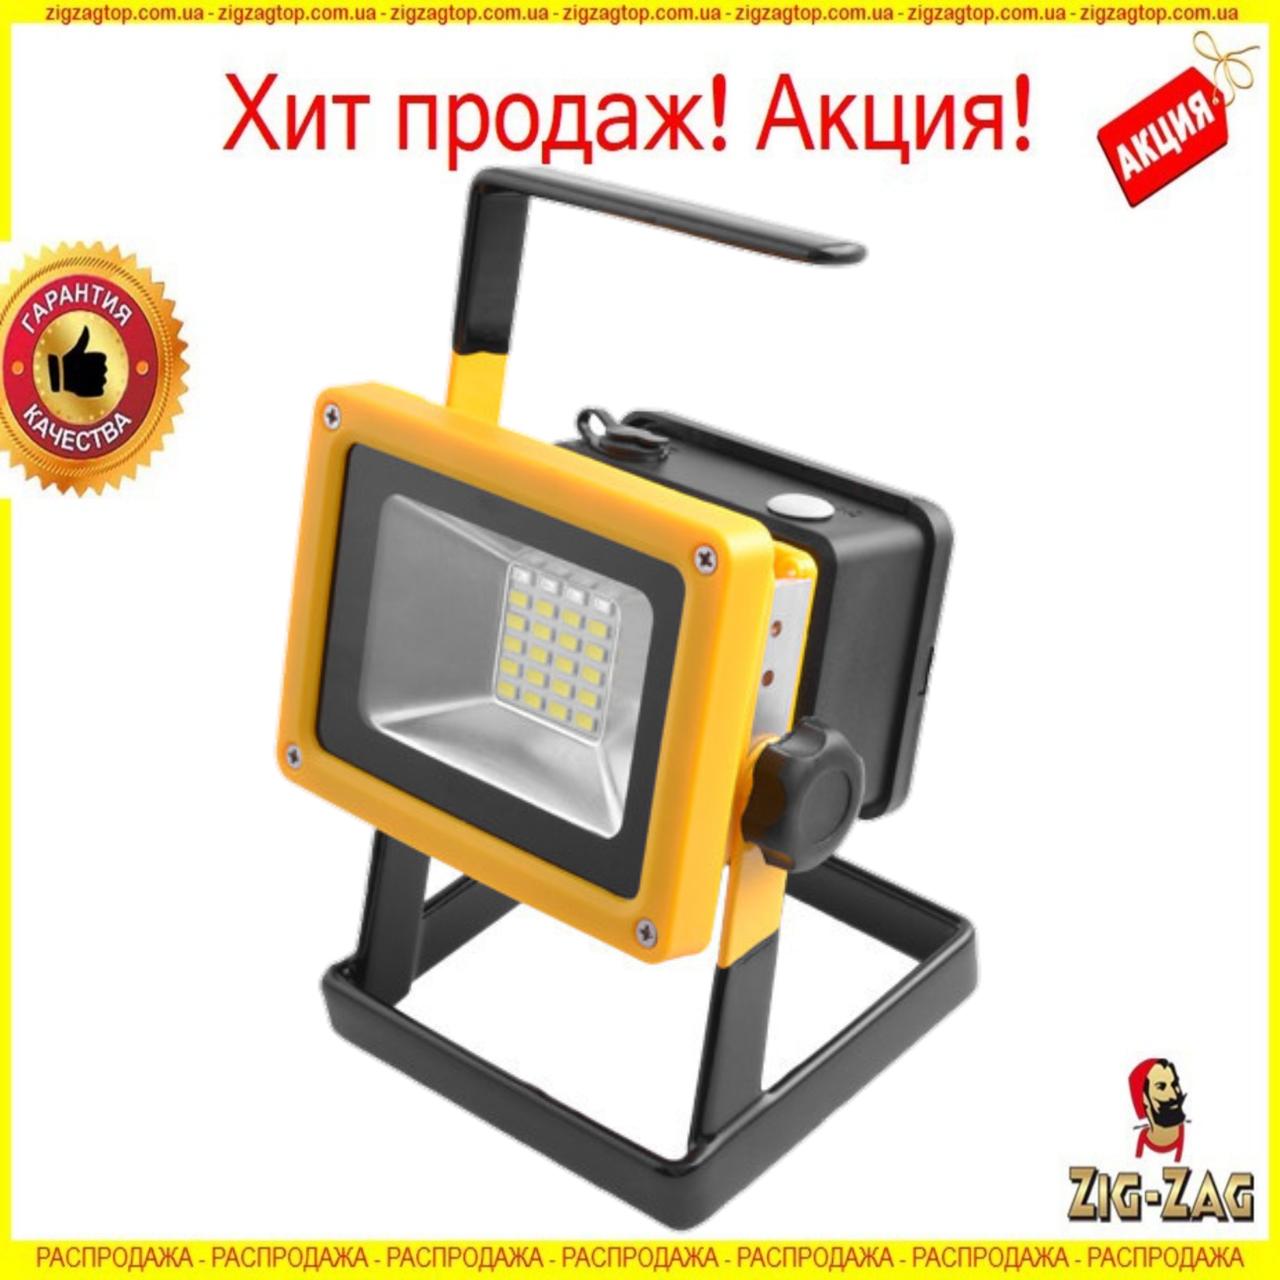 Кемпінговий ЛІХТАР ручний Прожектор Акумуляторний Bailong BL-204 100W від 3x18650 зі Стробоскопом Ліхтарик 220В